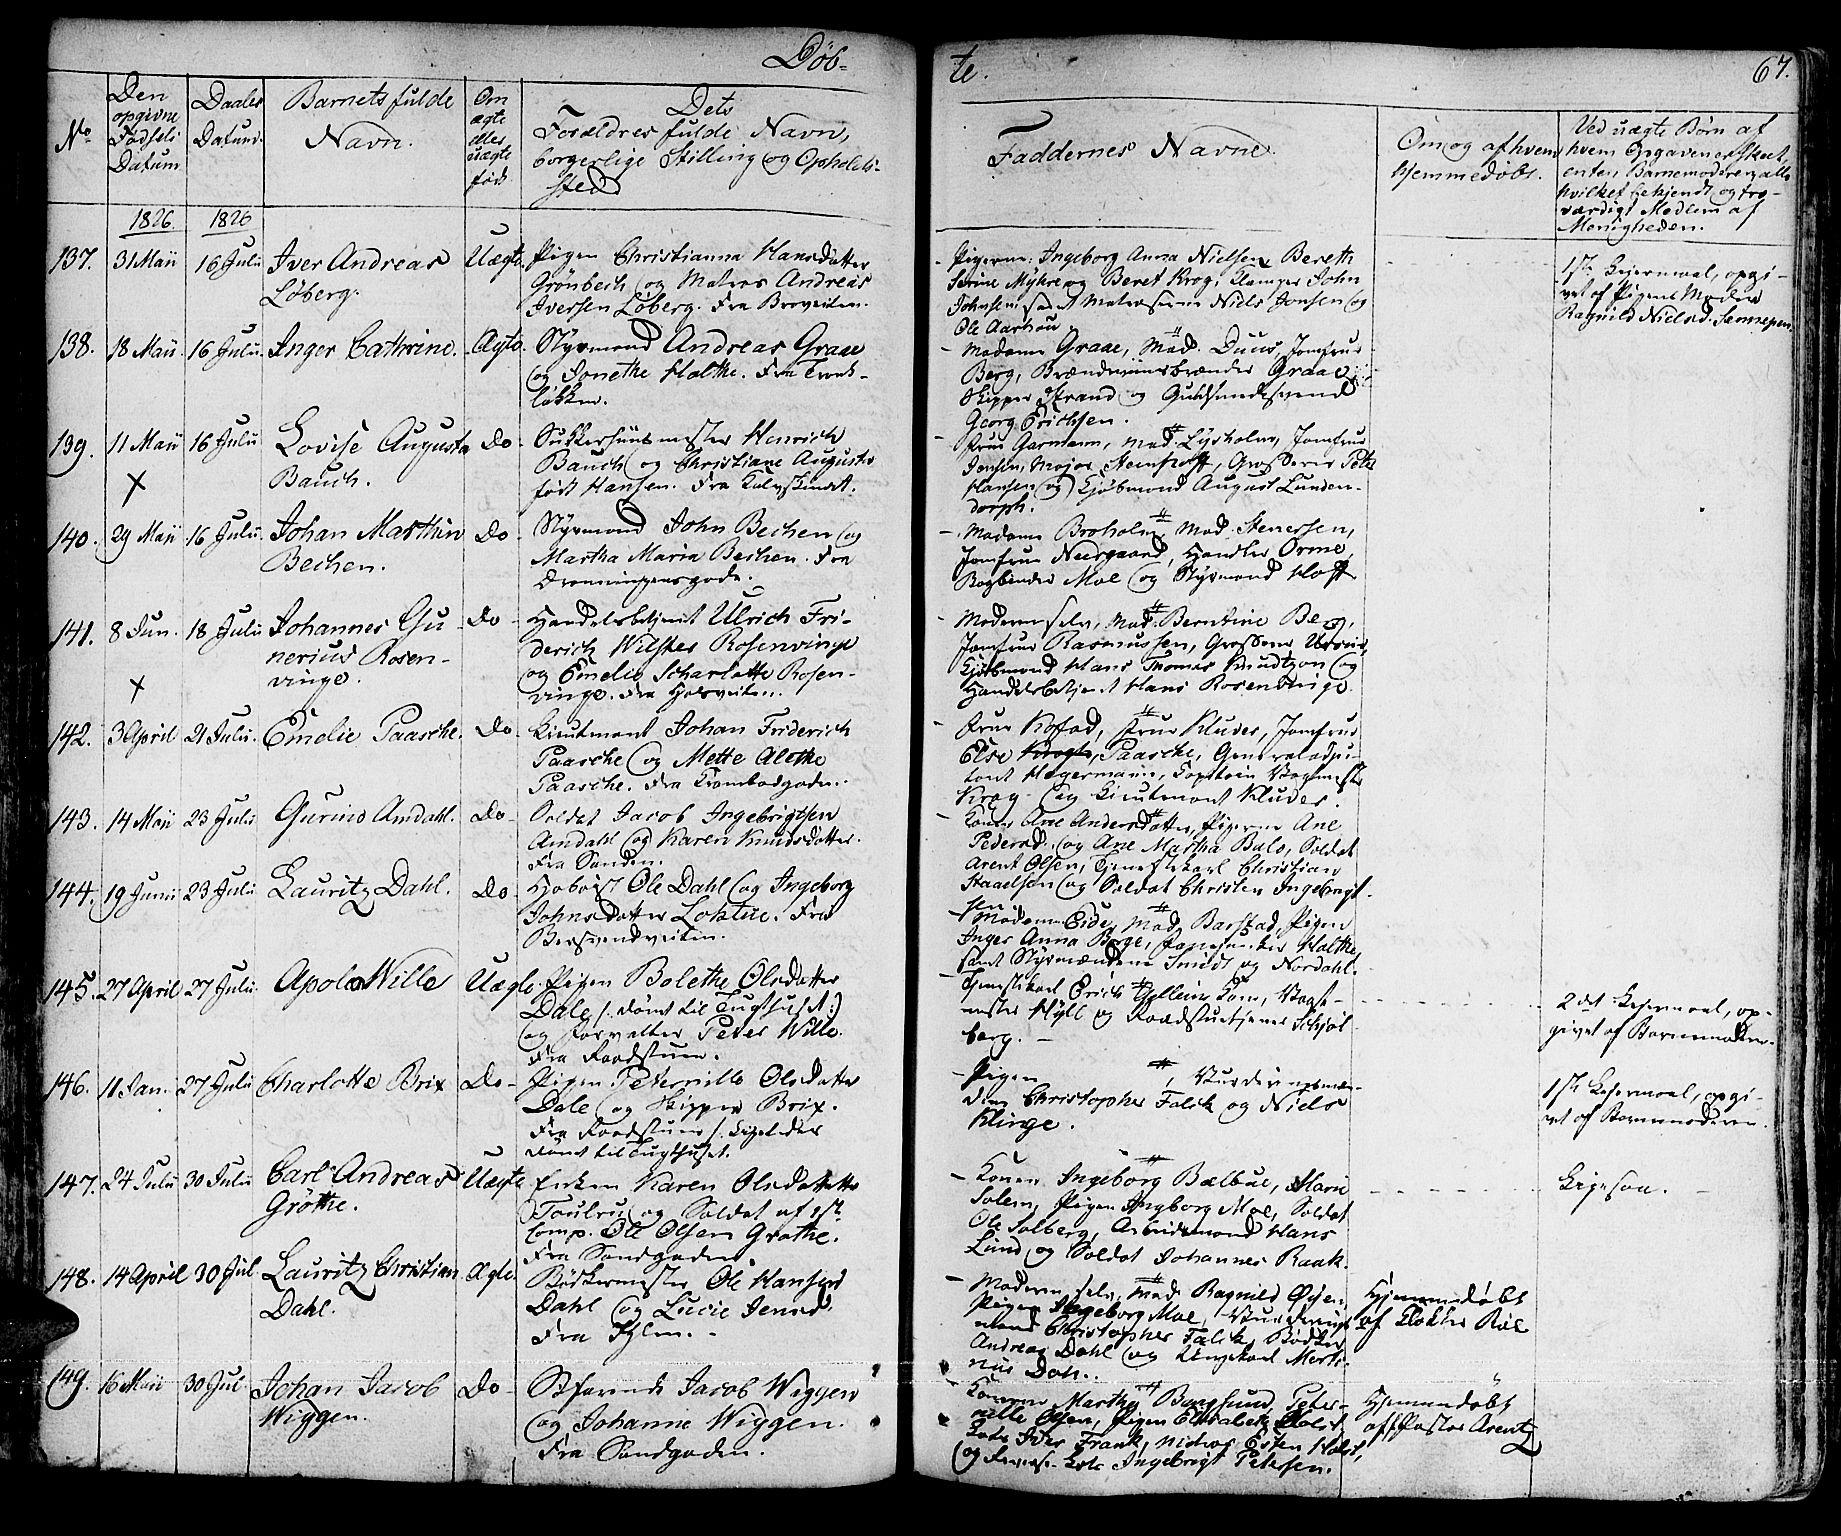 SAT, Ministerialprotokoller, klokkerbøker og fødselsregistre - Sør-Trøndelag, 601/L0045: Ministerialbok nr. 601A13, 1821-1831, s. 67